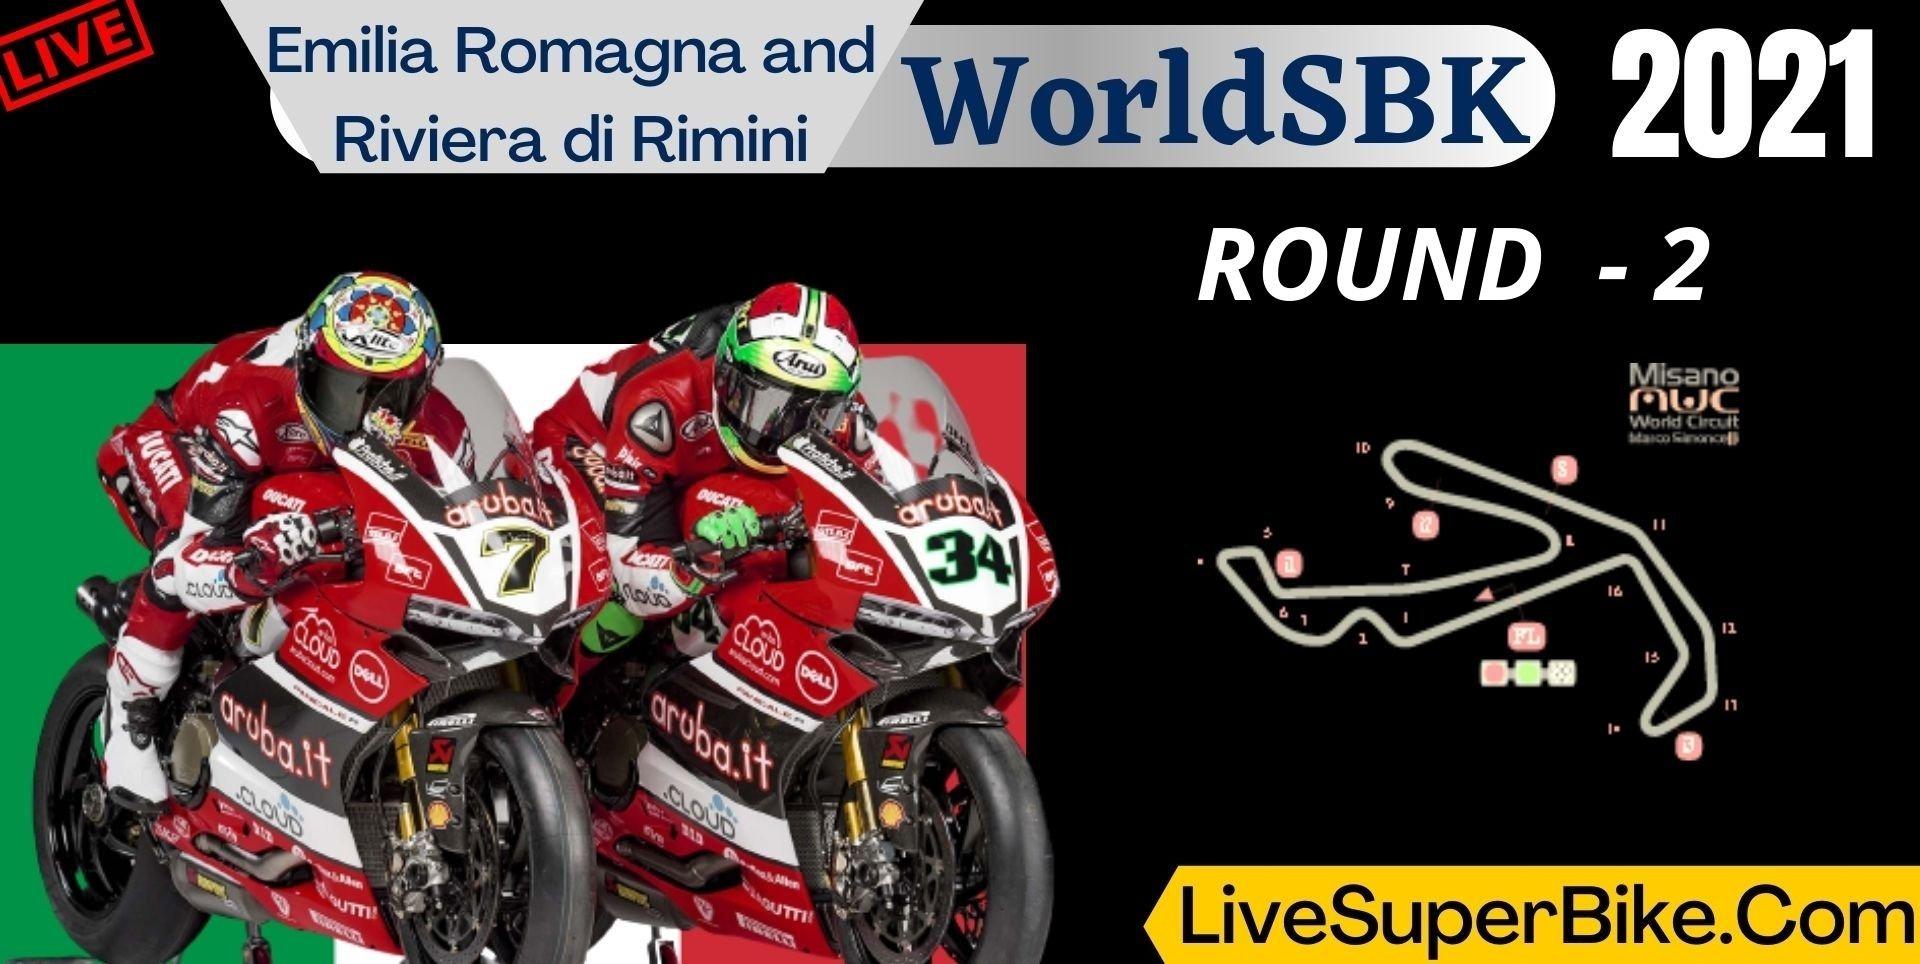 Emilia Romagna And Riviera Di Rimini Round 2 Live 2021 | WorldSBK